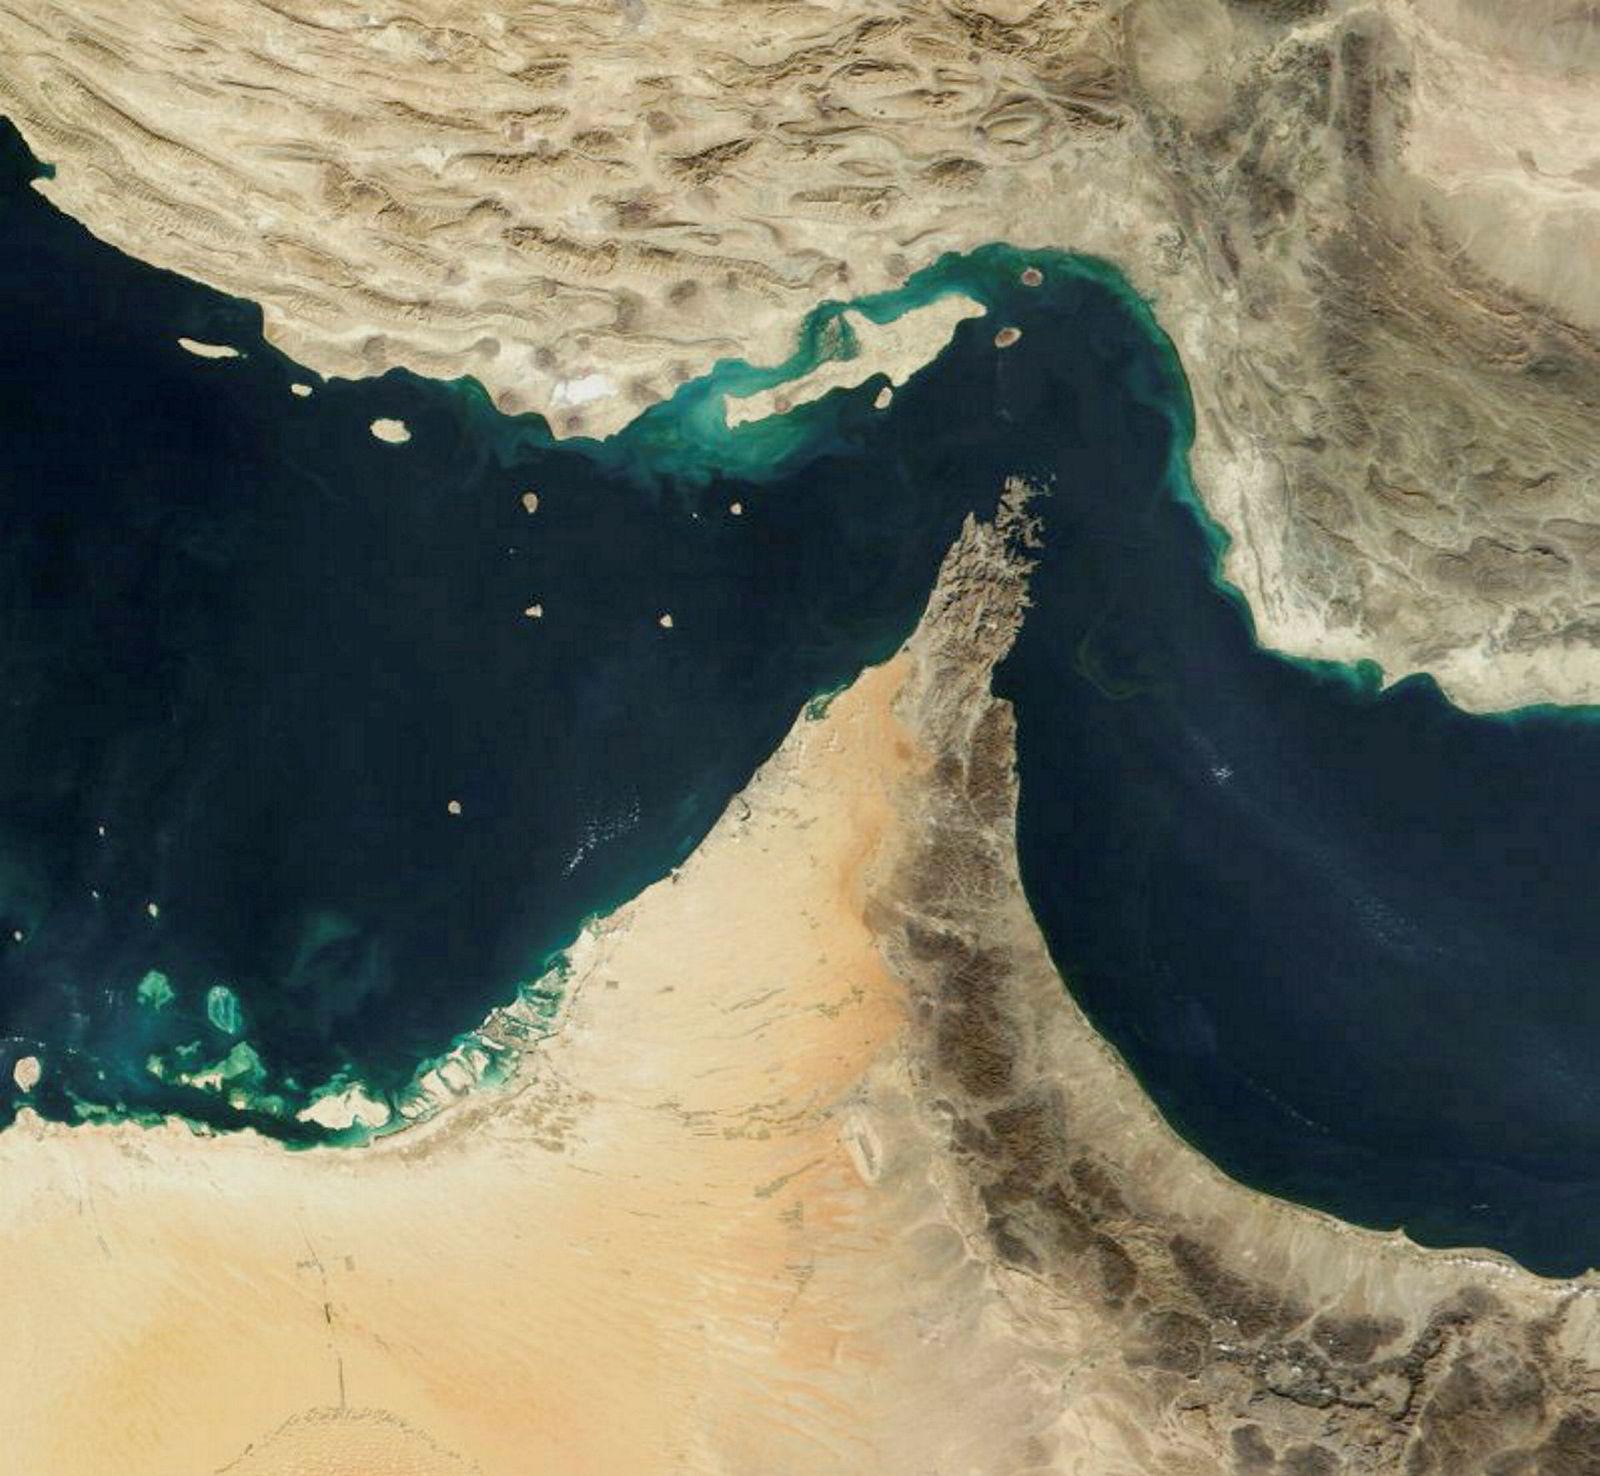 Hormuzstredet forbinder Omanbukta med Persiabukten. Iran ligger nord i stredet.